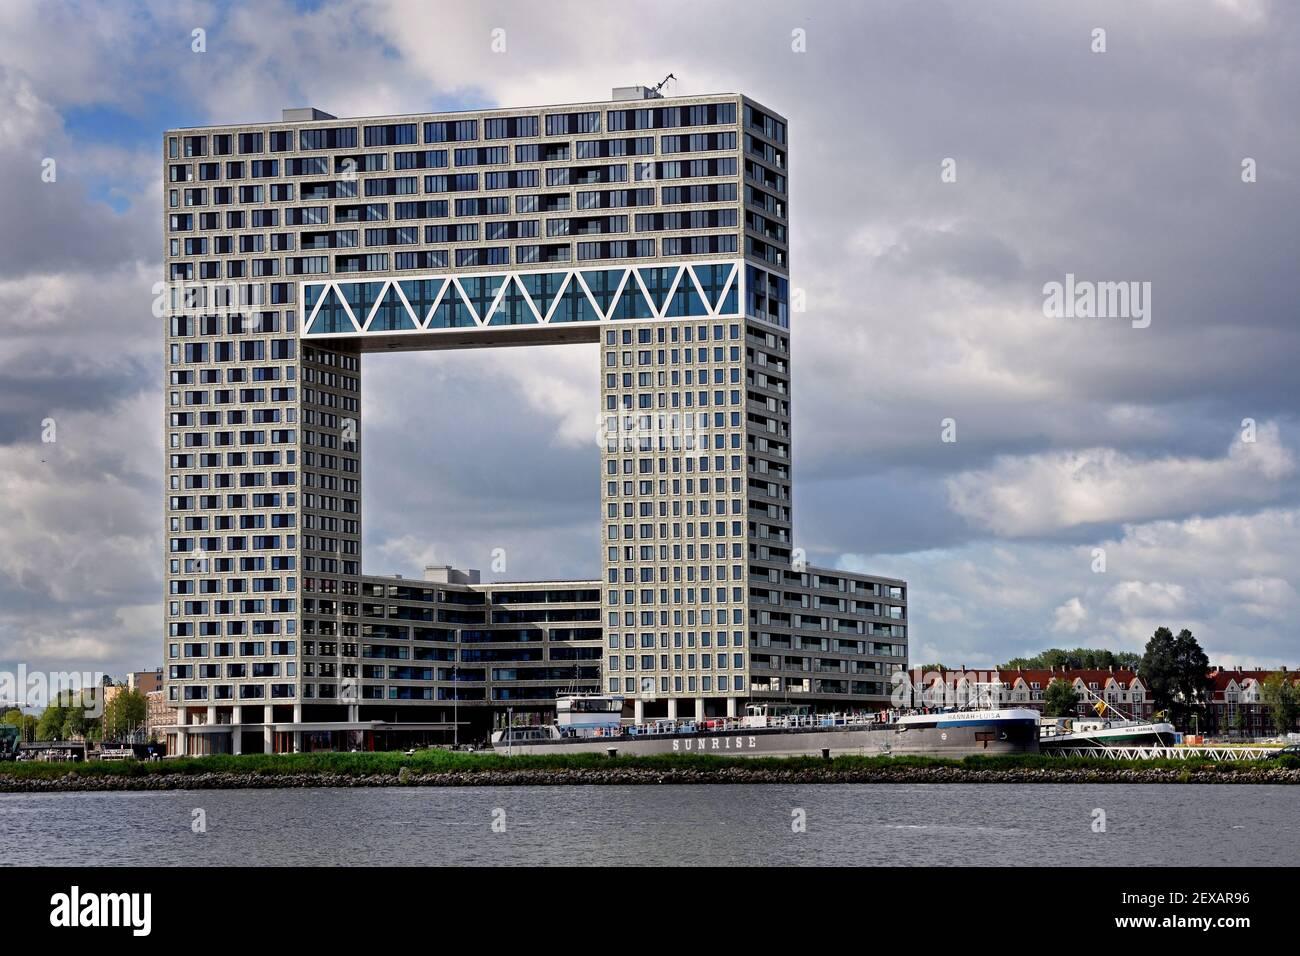 Amsterdam Niederlande Moderne Architektur Apartments am Westerdoksdijk und zwischen Oude Houthaven und IJ Hafenhafen Kanal Amsterdam, Niederlande, (De Pontsteiger, auch bekannt als das Pontsteiger Gebäude oder Millionen Gebäude, ist ein Wohnturm in der niederländischen Stadt Amsterdam. Entworfen von Arons en Gelauff Architecten,) Stockfoto